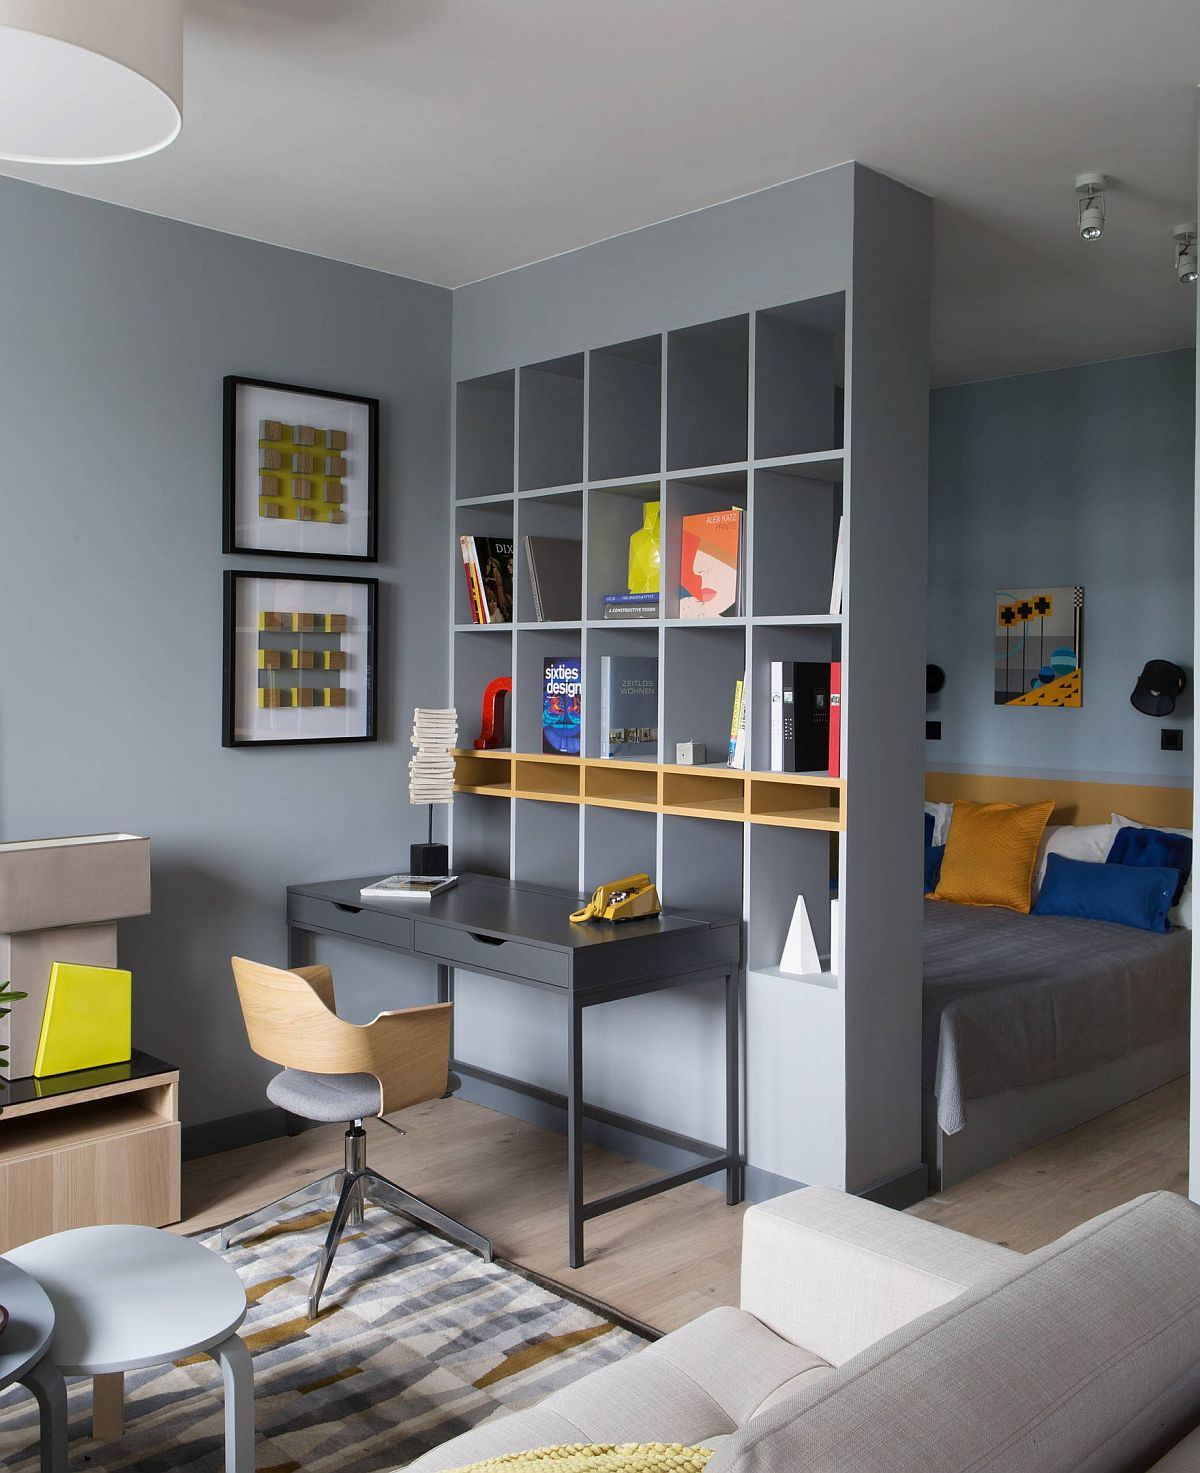 Locul de pat din garsonieră este separat prin intermediul unei biblioteci configurată până în tavan și vopsită în culoare similară nuanței de pe pereți. În fața bibliotecii a fost gândit locul de birou. Mobila aleasă pentru birou este una cu design grafic, pentru a nu încărca spațiul.